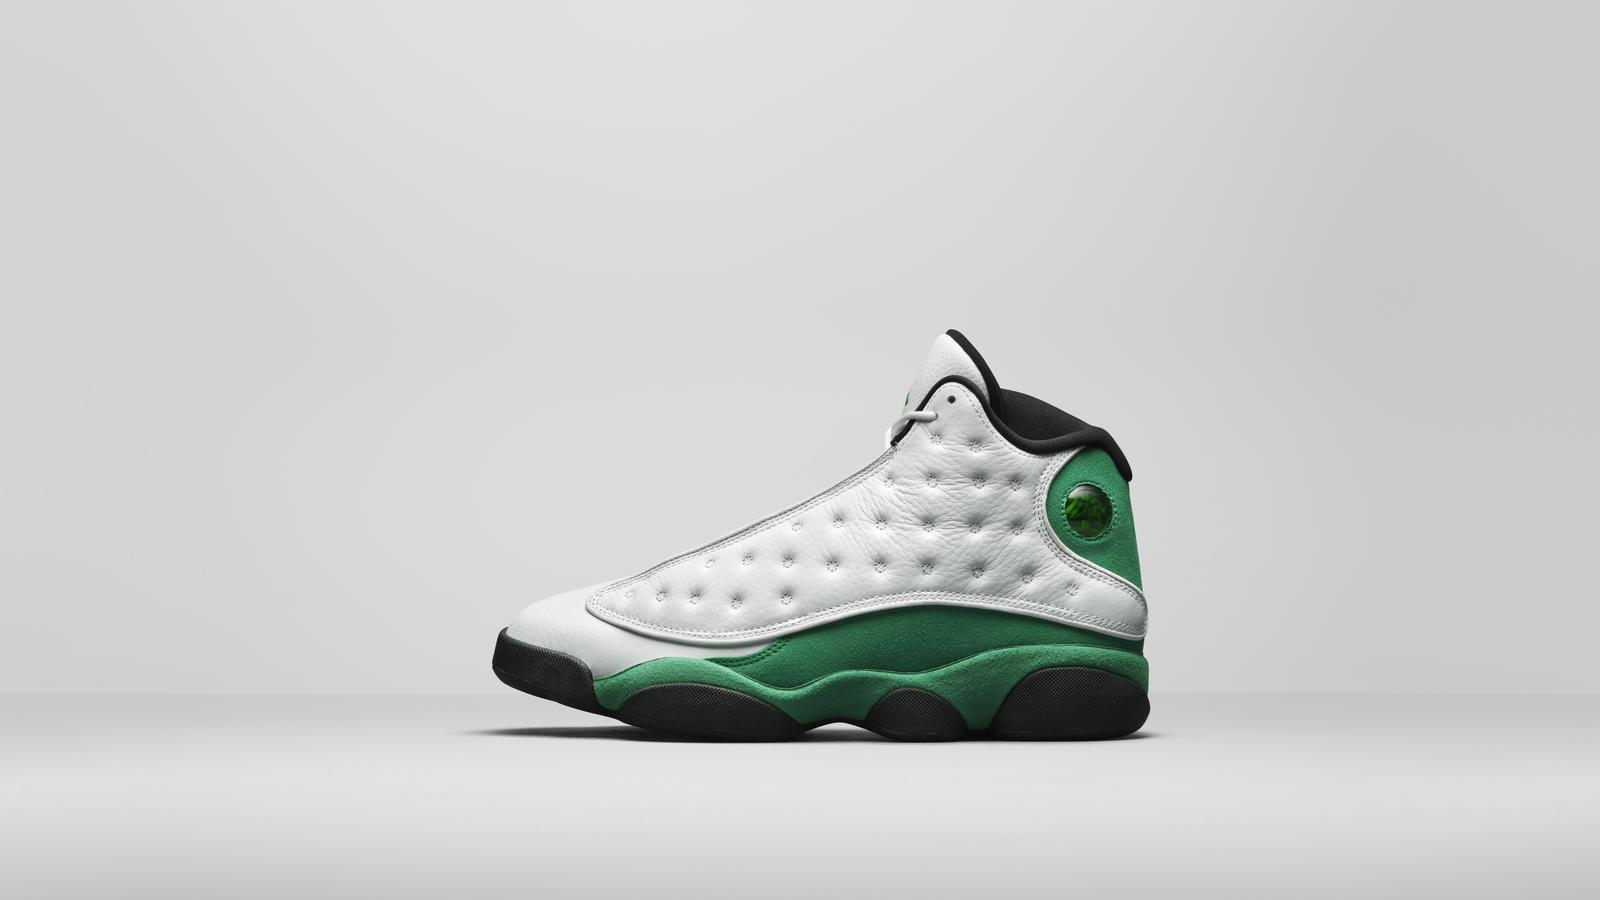 Jordan Brand Fall 2020 Releases 6